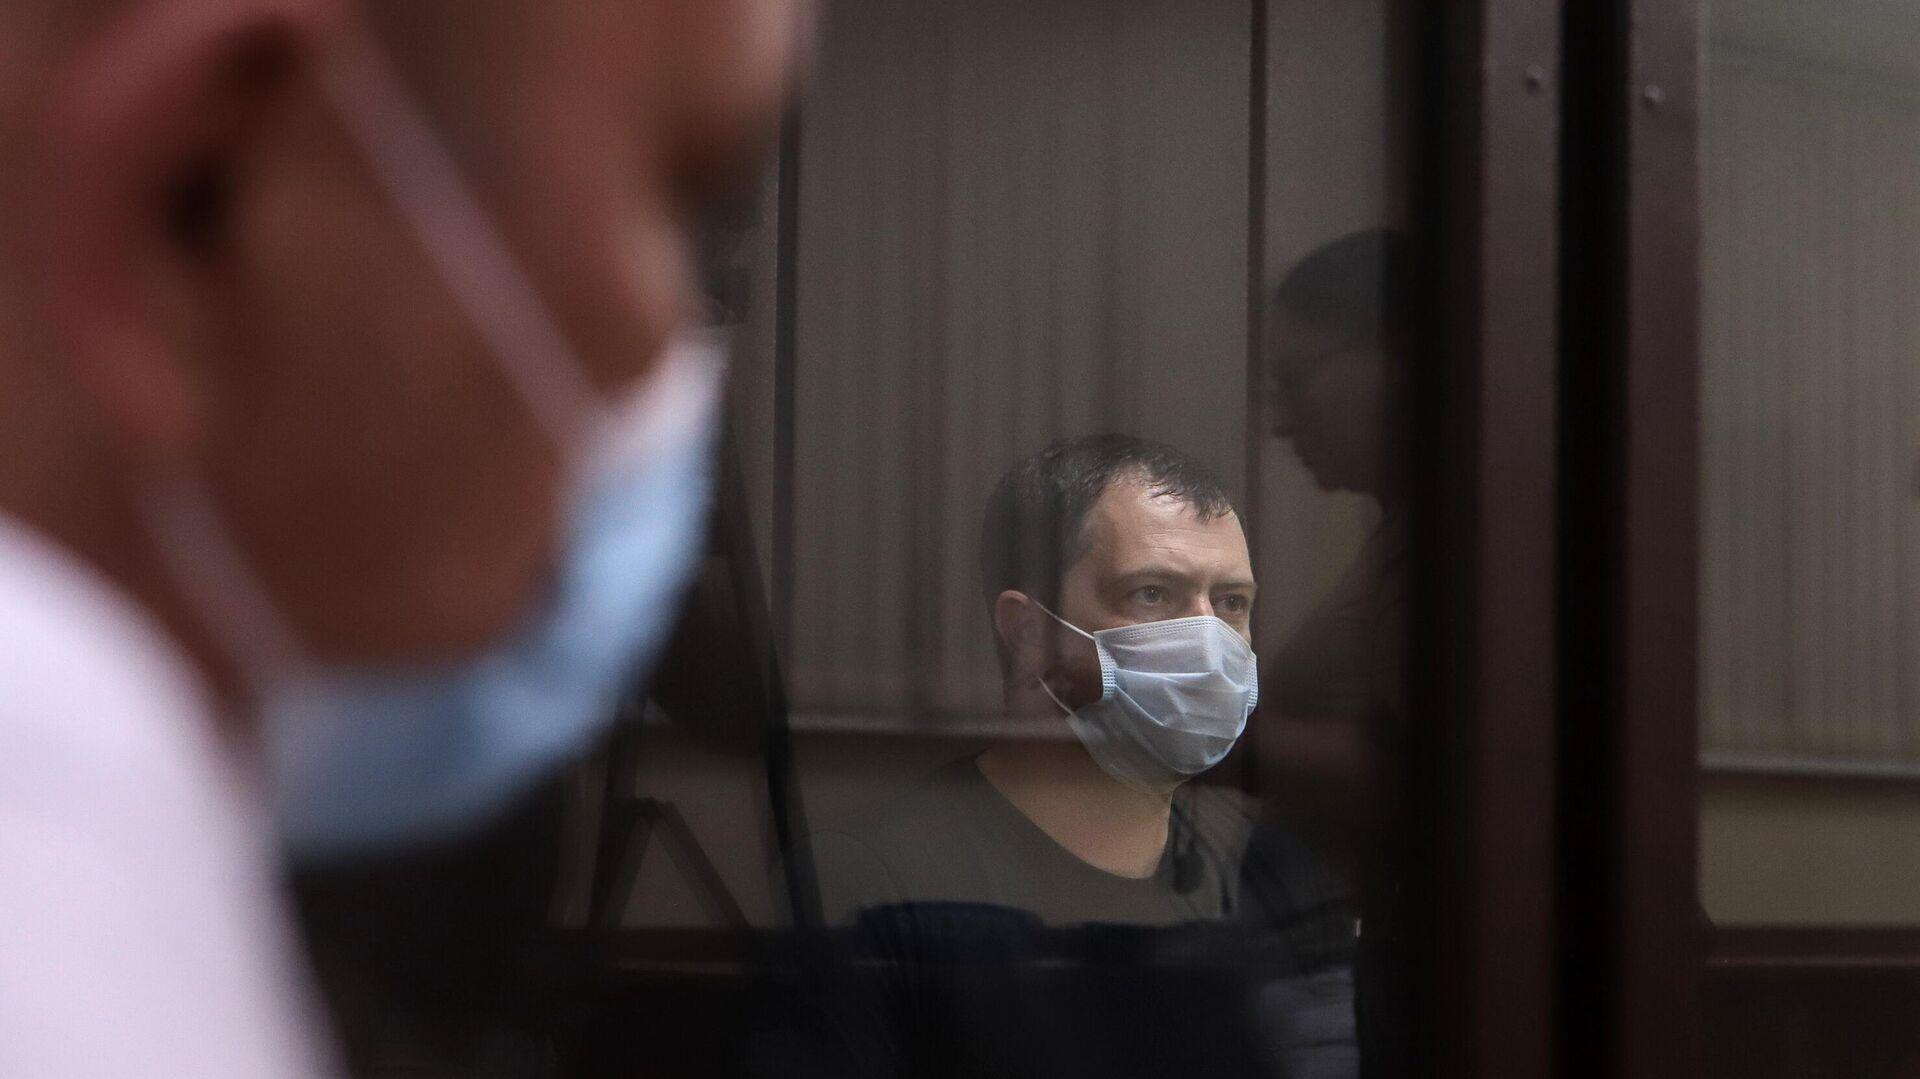 Начальник ставропольского ГИБДД полковник Алексей Сафонов в зале суда - РИА Новости, 1920, 21.07.2021